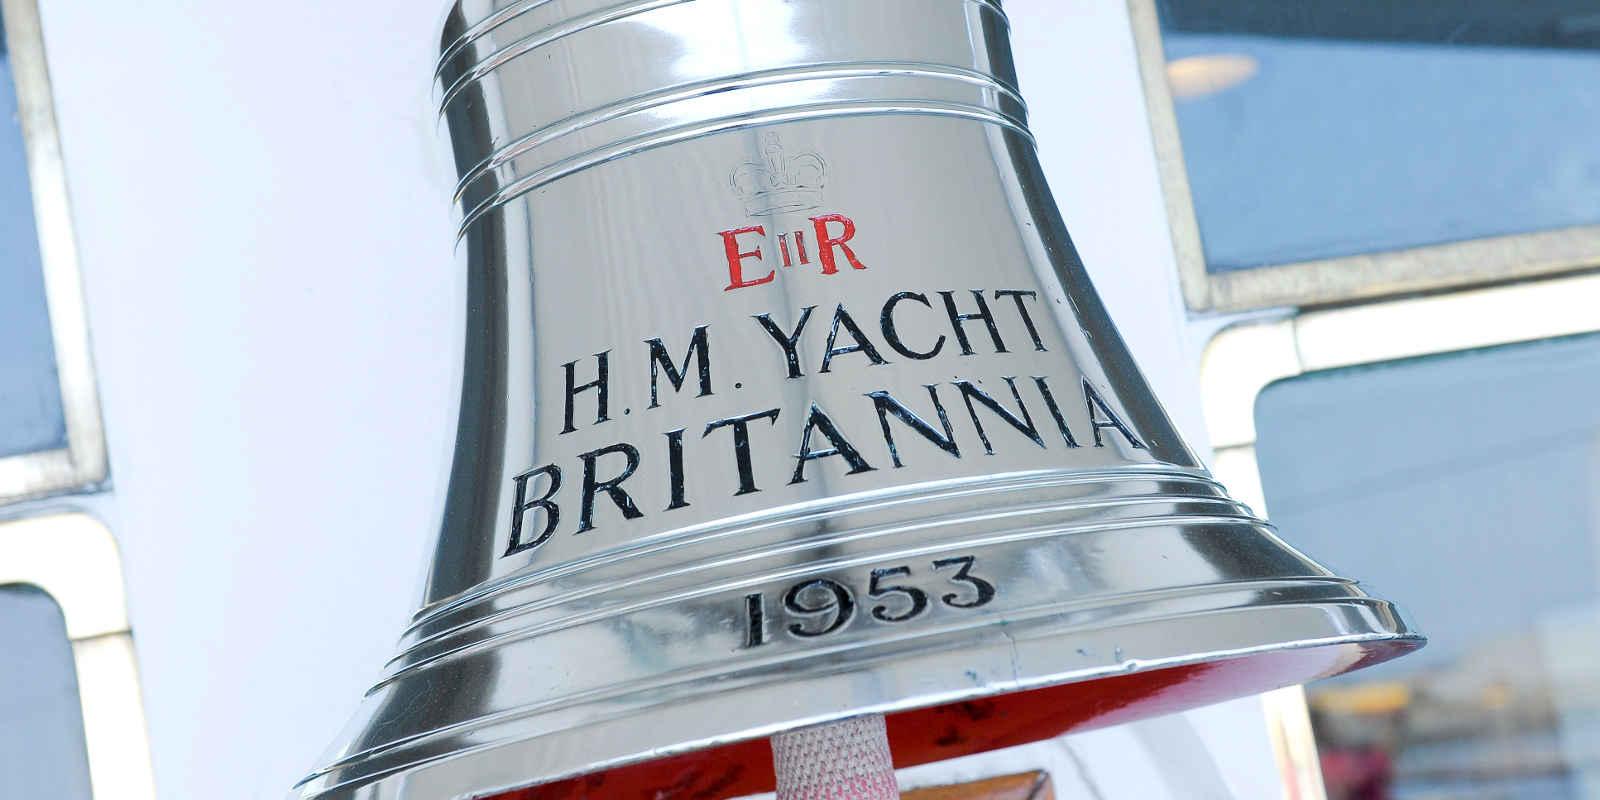 Bell on board Royal Yacht Britannia